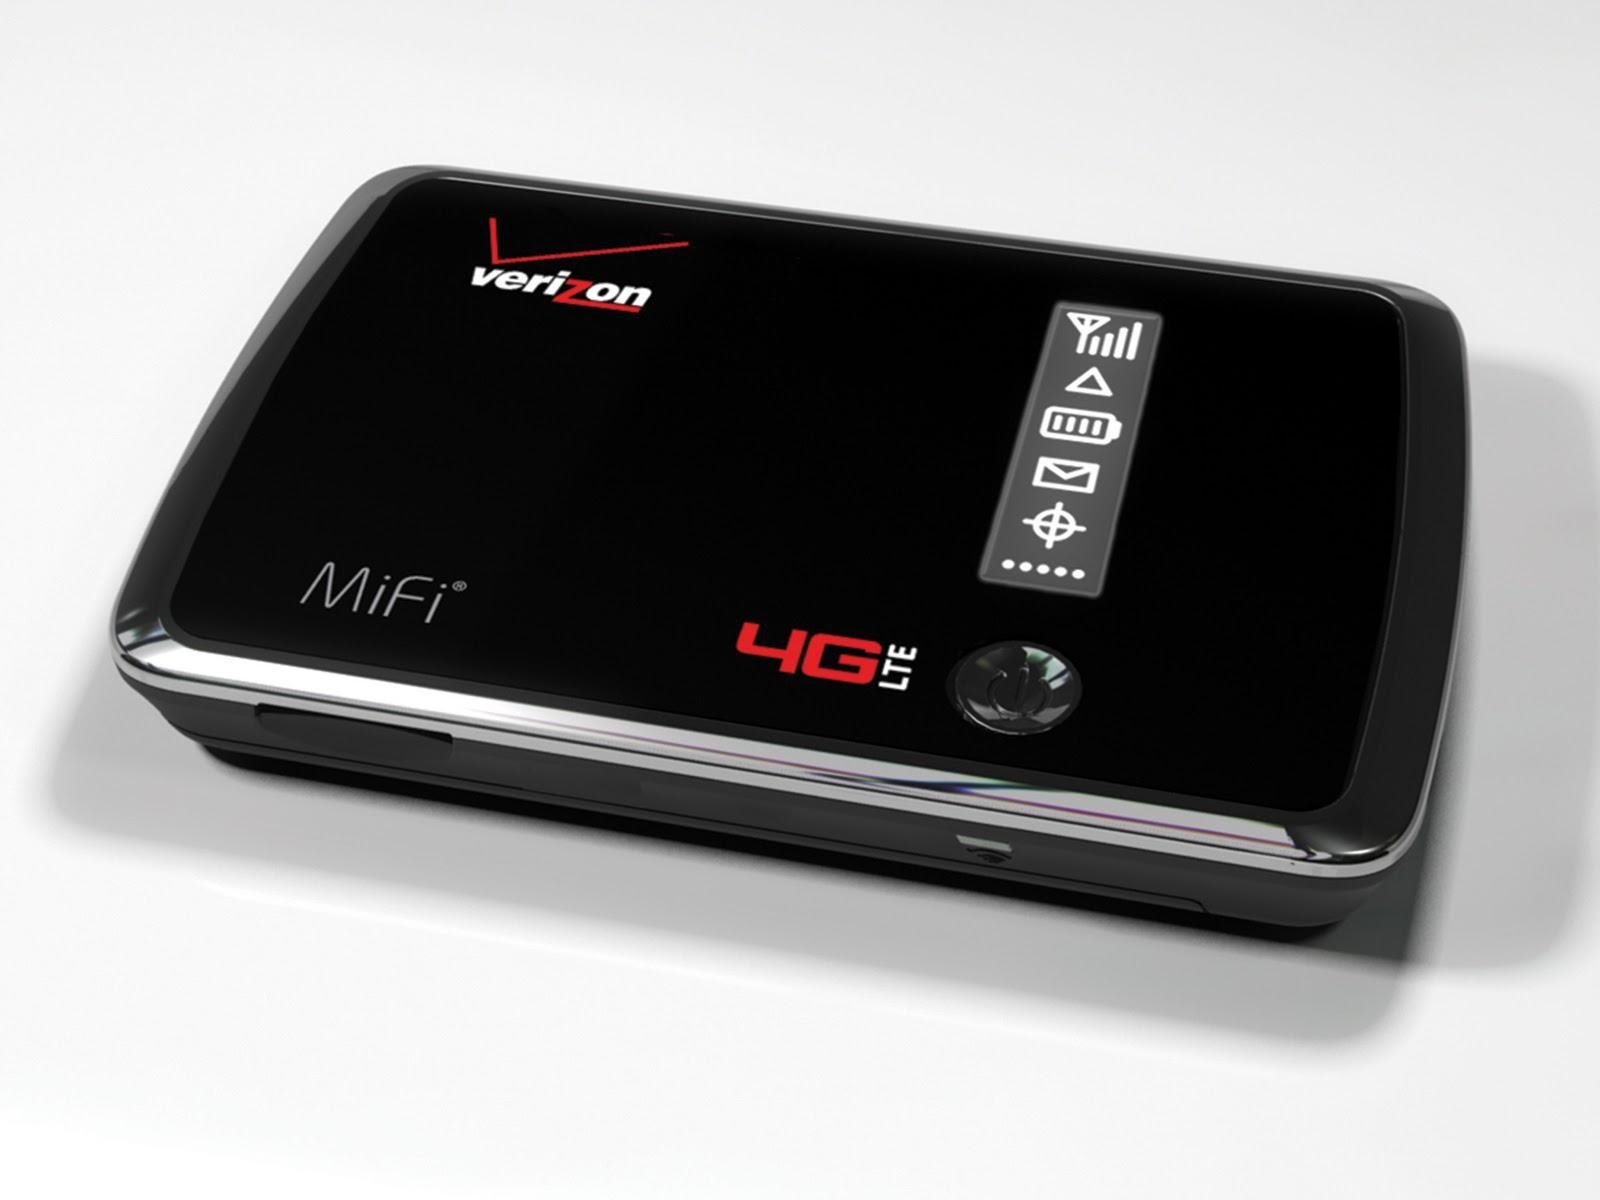 http://2.bp.blogspot.com/-_uupya7EKo0/TY_XCTaZD6I/AAAAAAAACAw/GaN75mI7L_o/s1600/Verizon-4G-MiFi-2.jpg